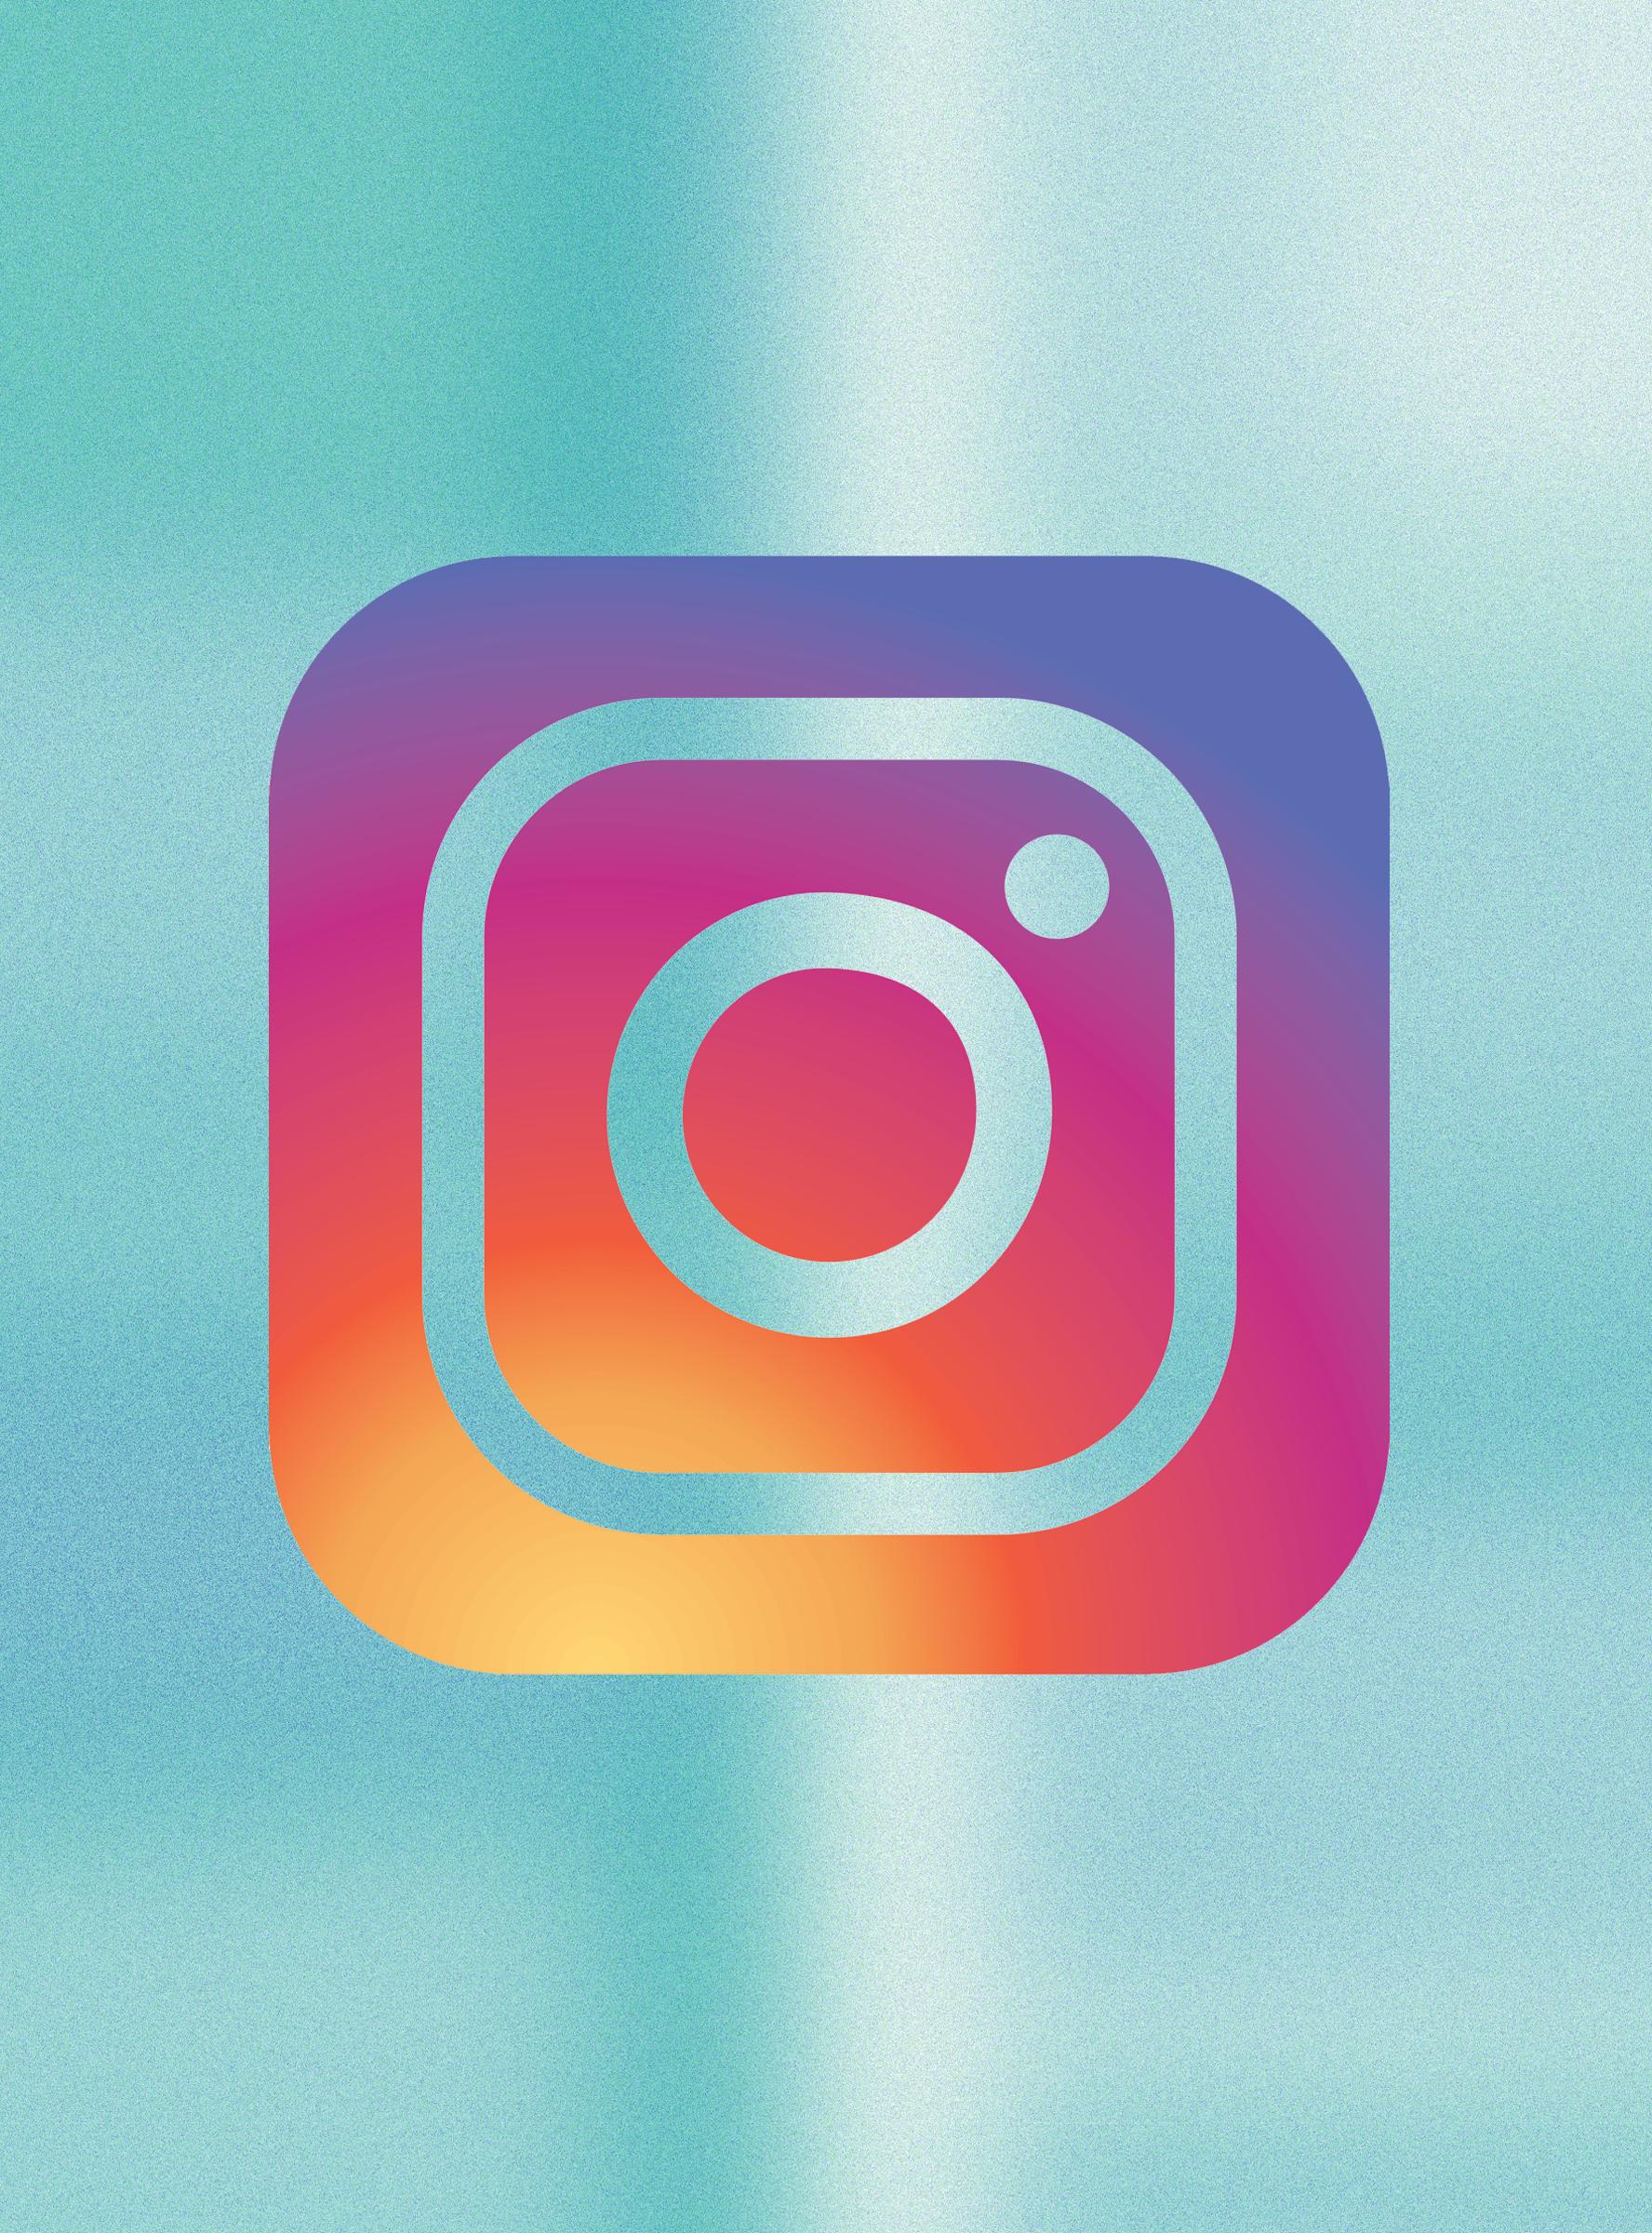 Инстаграм как закрыть одно фото от всех